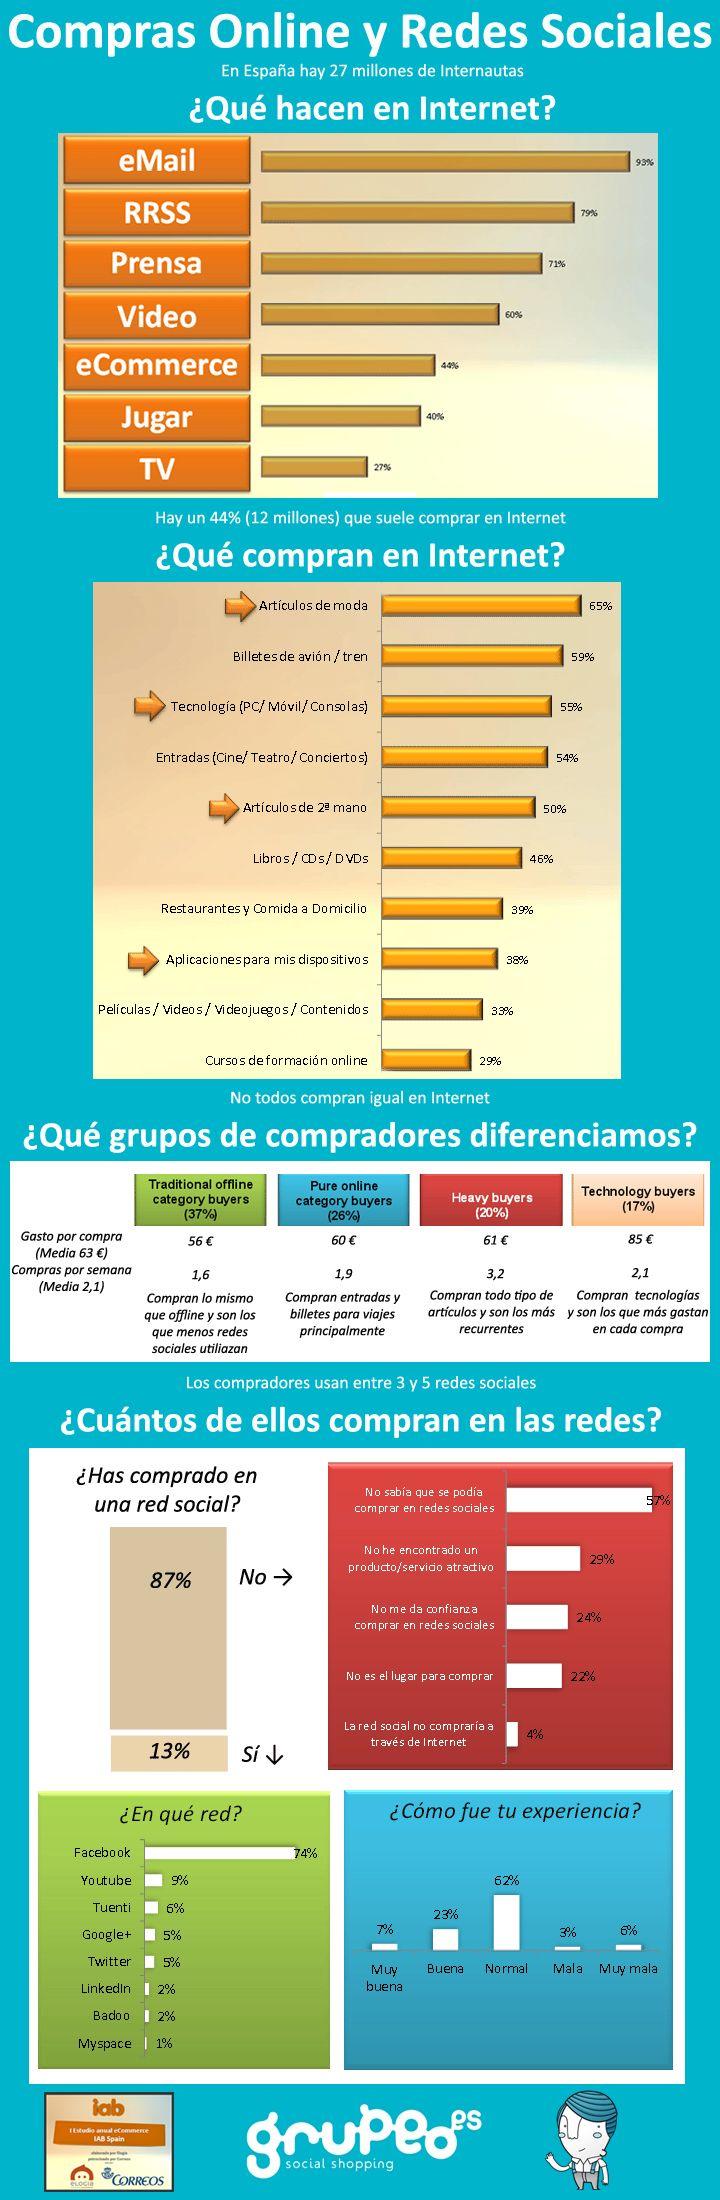 Infografía: Compras Online y Redes Sociales  http://www.grupeo.es/blog/infografia-compras-online-redes-sociales/